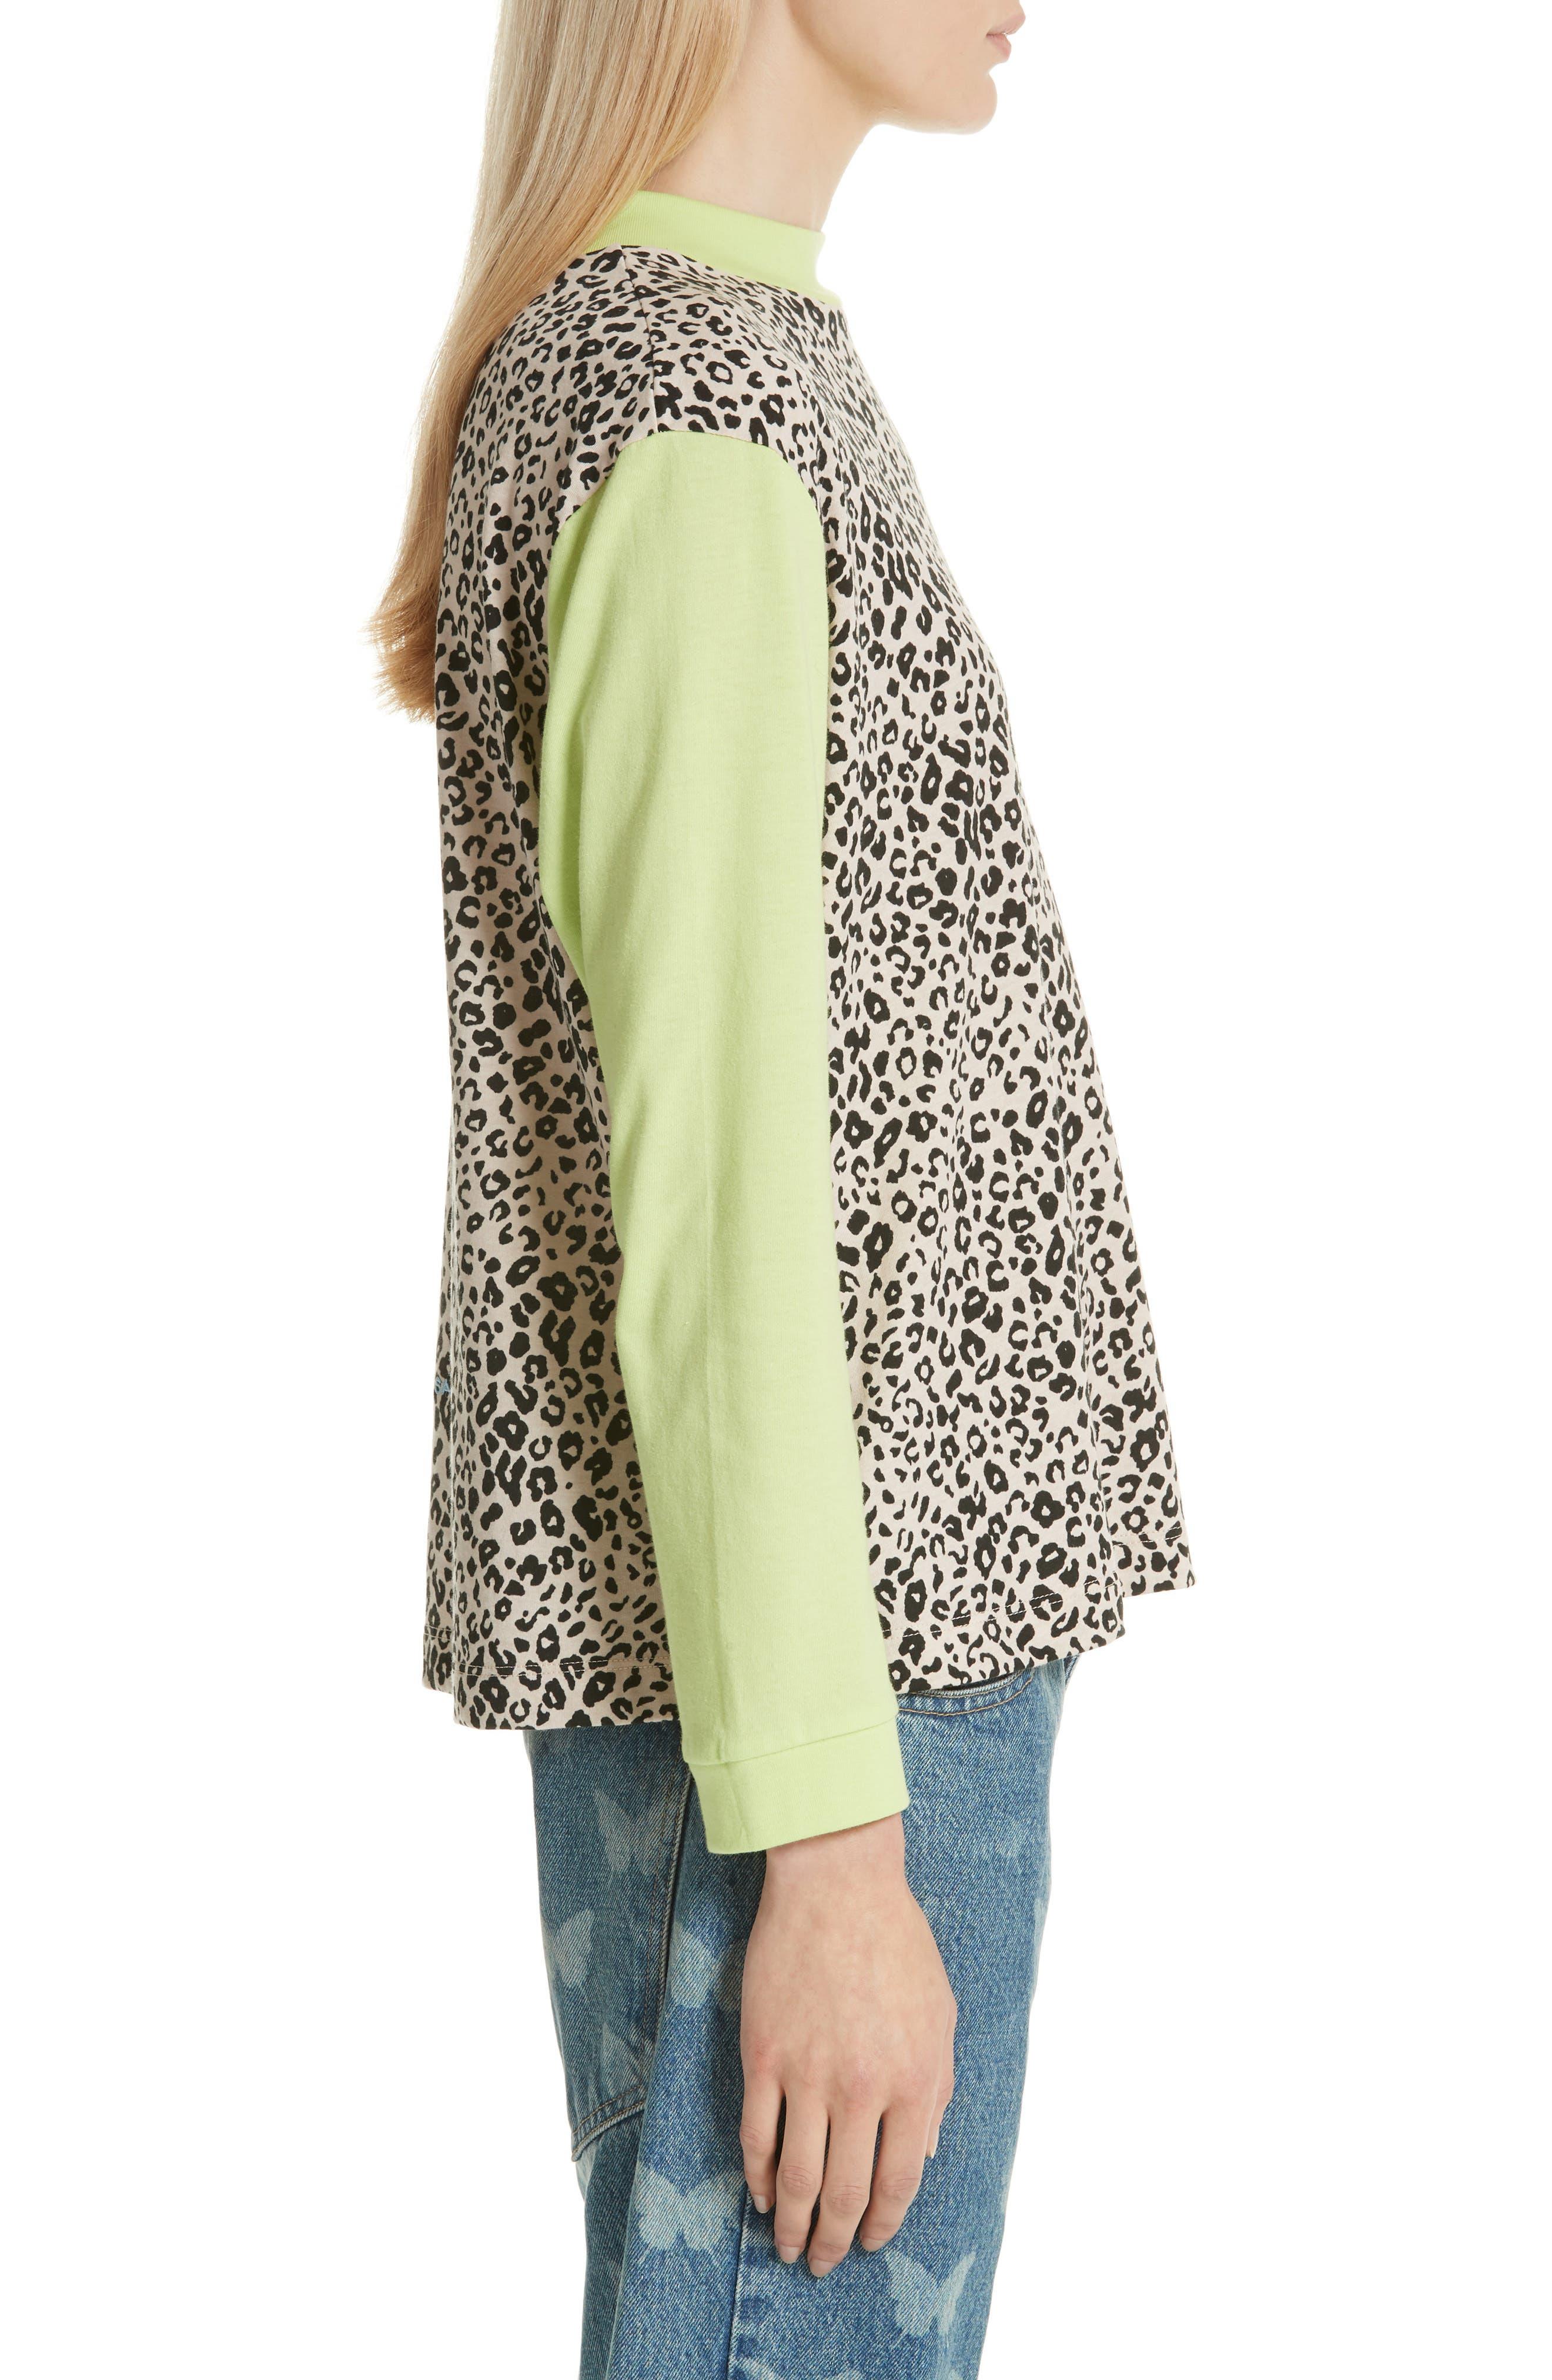 Lewis Leopard & Neon Sweater,                             Alternate thumbnail 3, color,                             SNOW LEOPARD